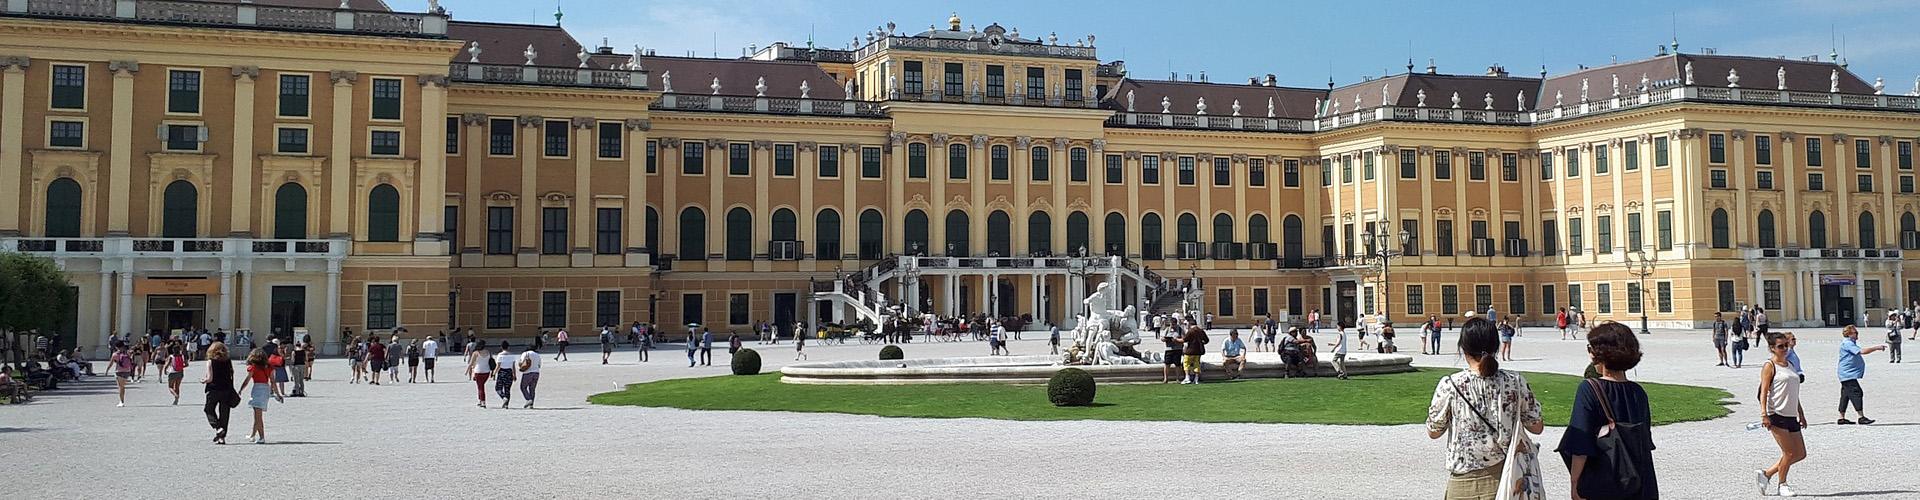 Schönbrunn Haupteingang